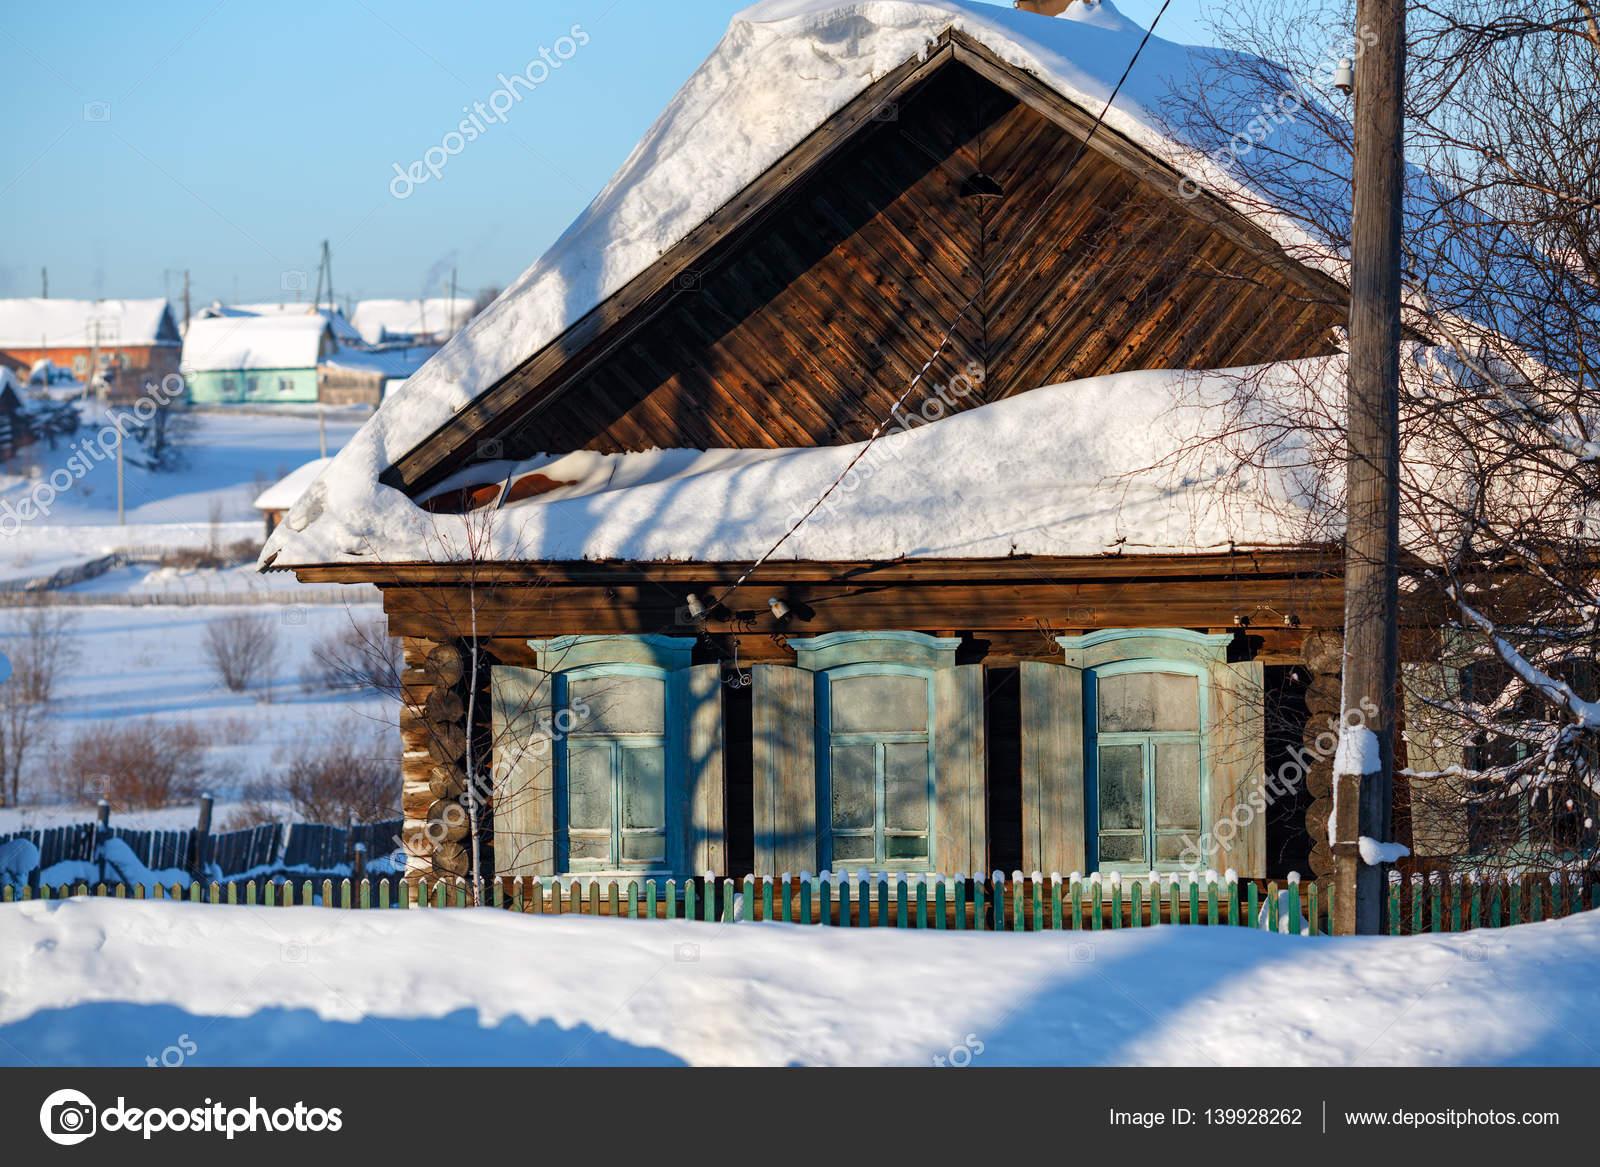 Russische Blockhäuser das verschneite alte blockhaus mit hölzernen fensterläden dorf